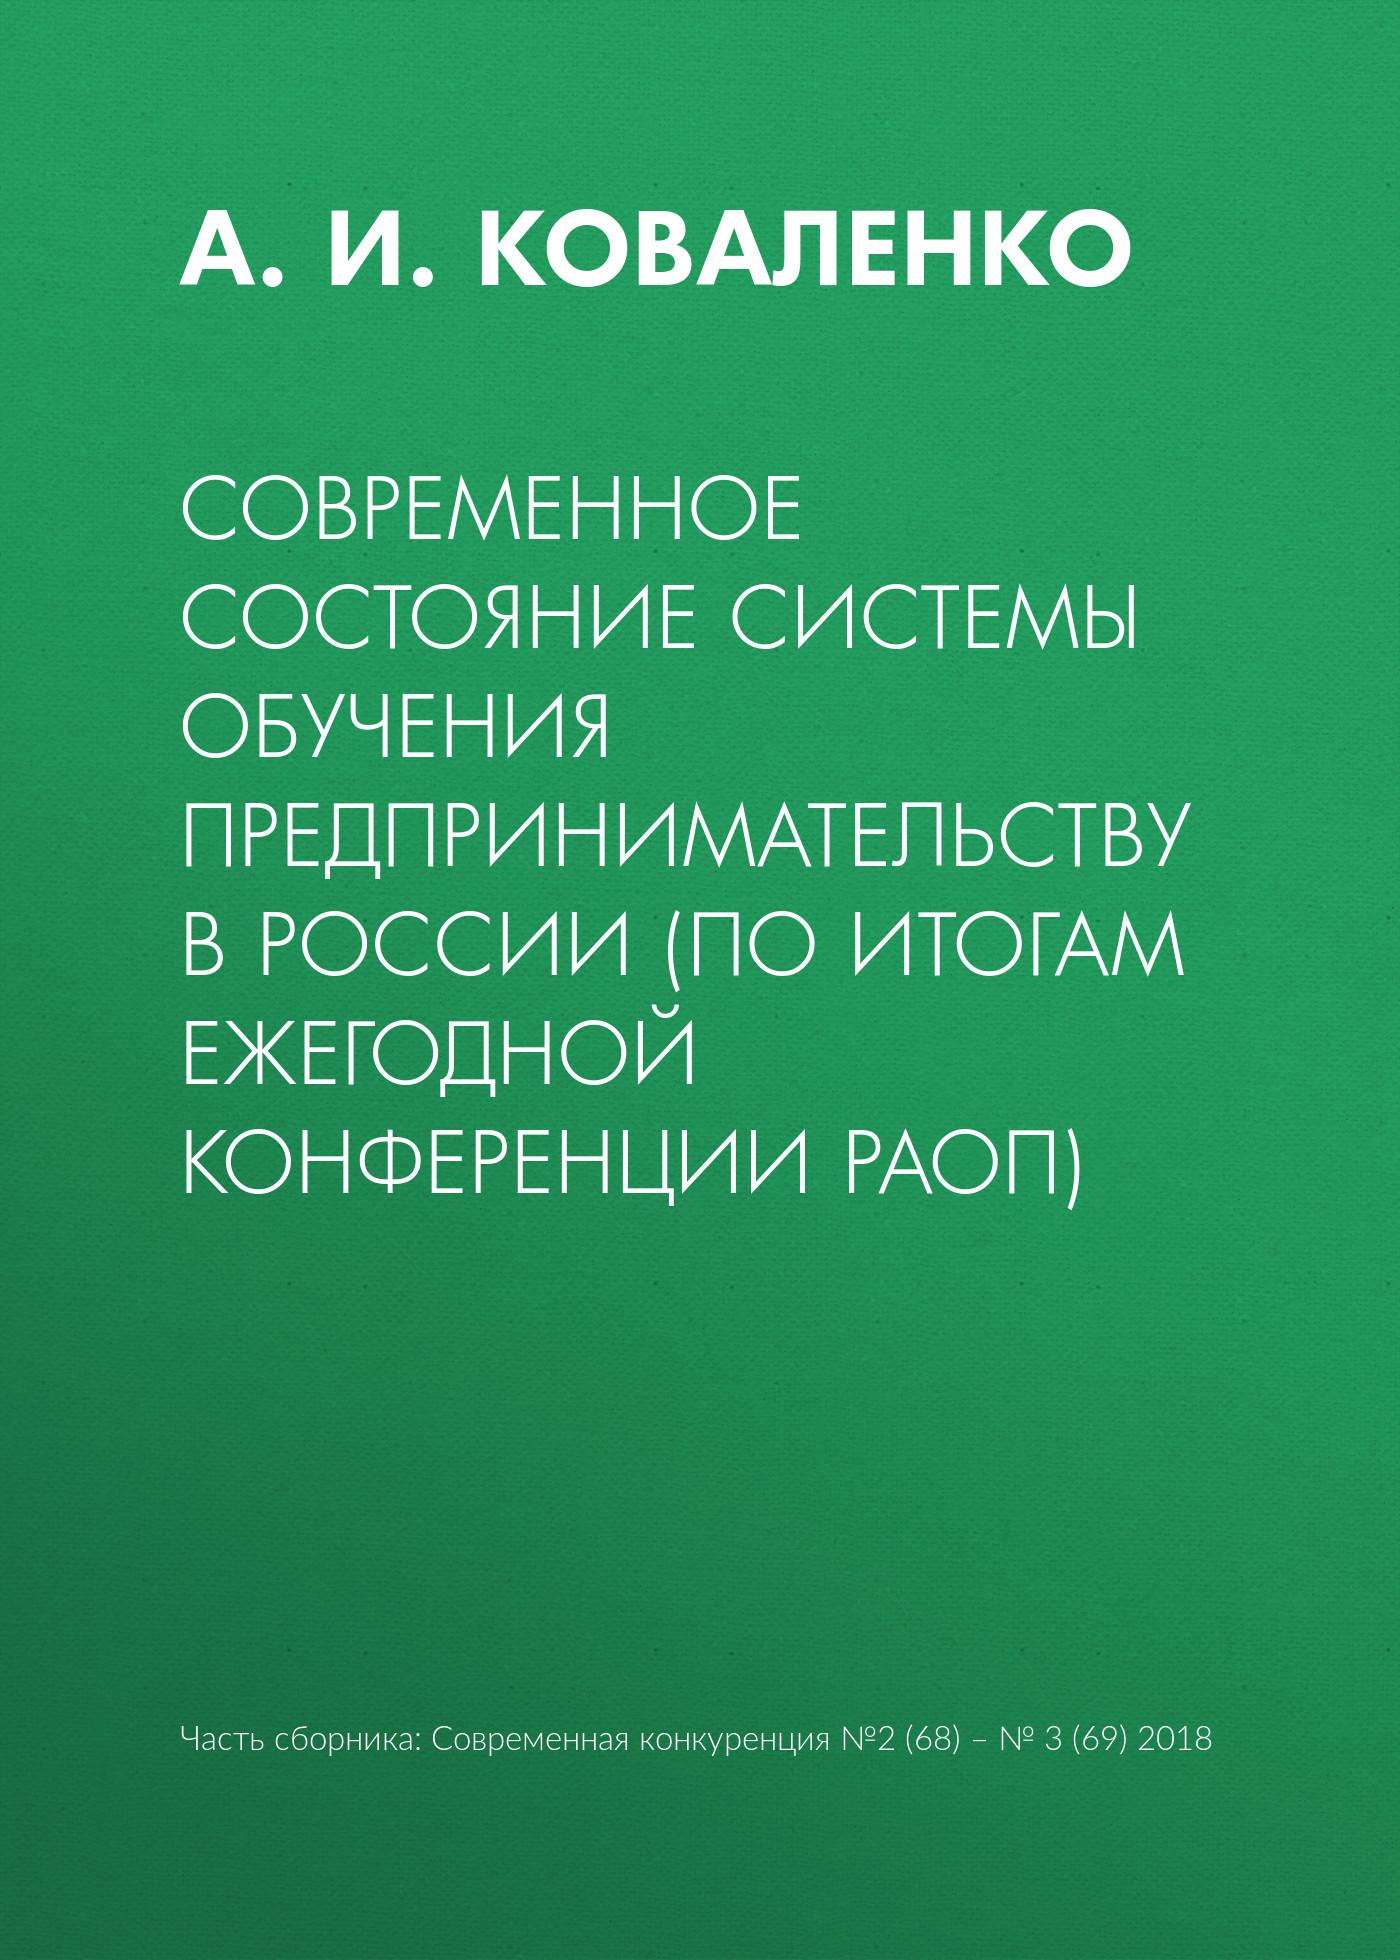 А. И. Коваленко Современное состояние системы обучения предпринимательству в России (по итогам ежегодной конференции РАОП) а и коваленко дискуссия о профессионально ориентированном подходе к предпринимательству